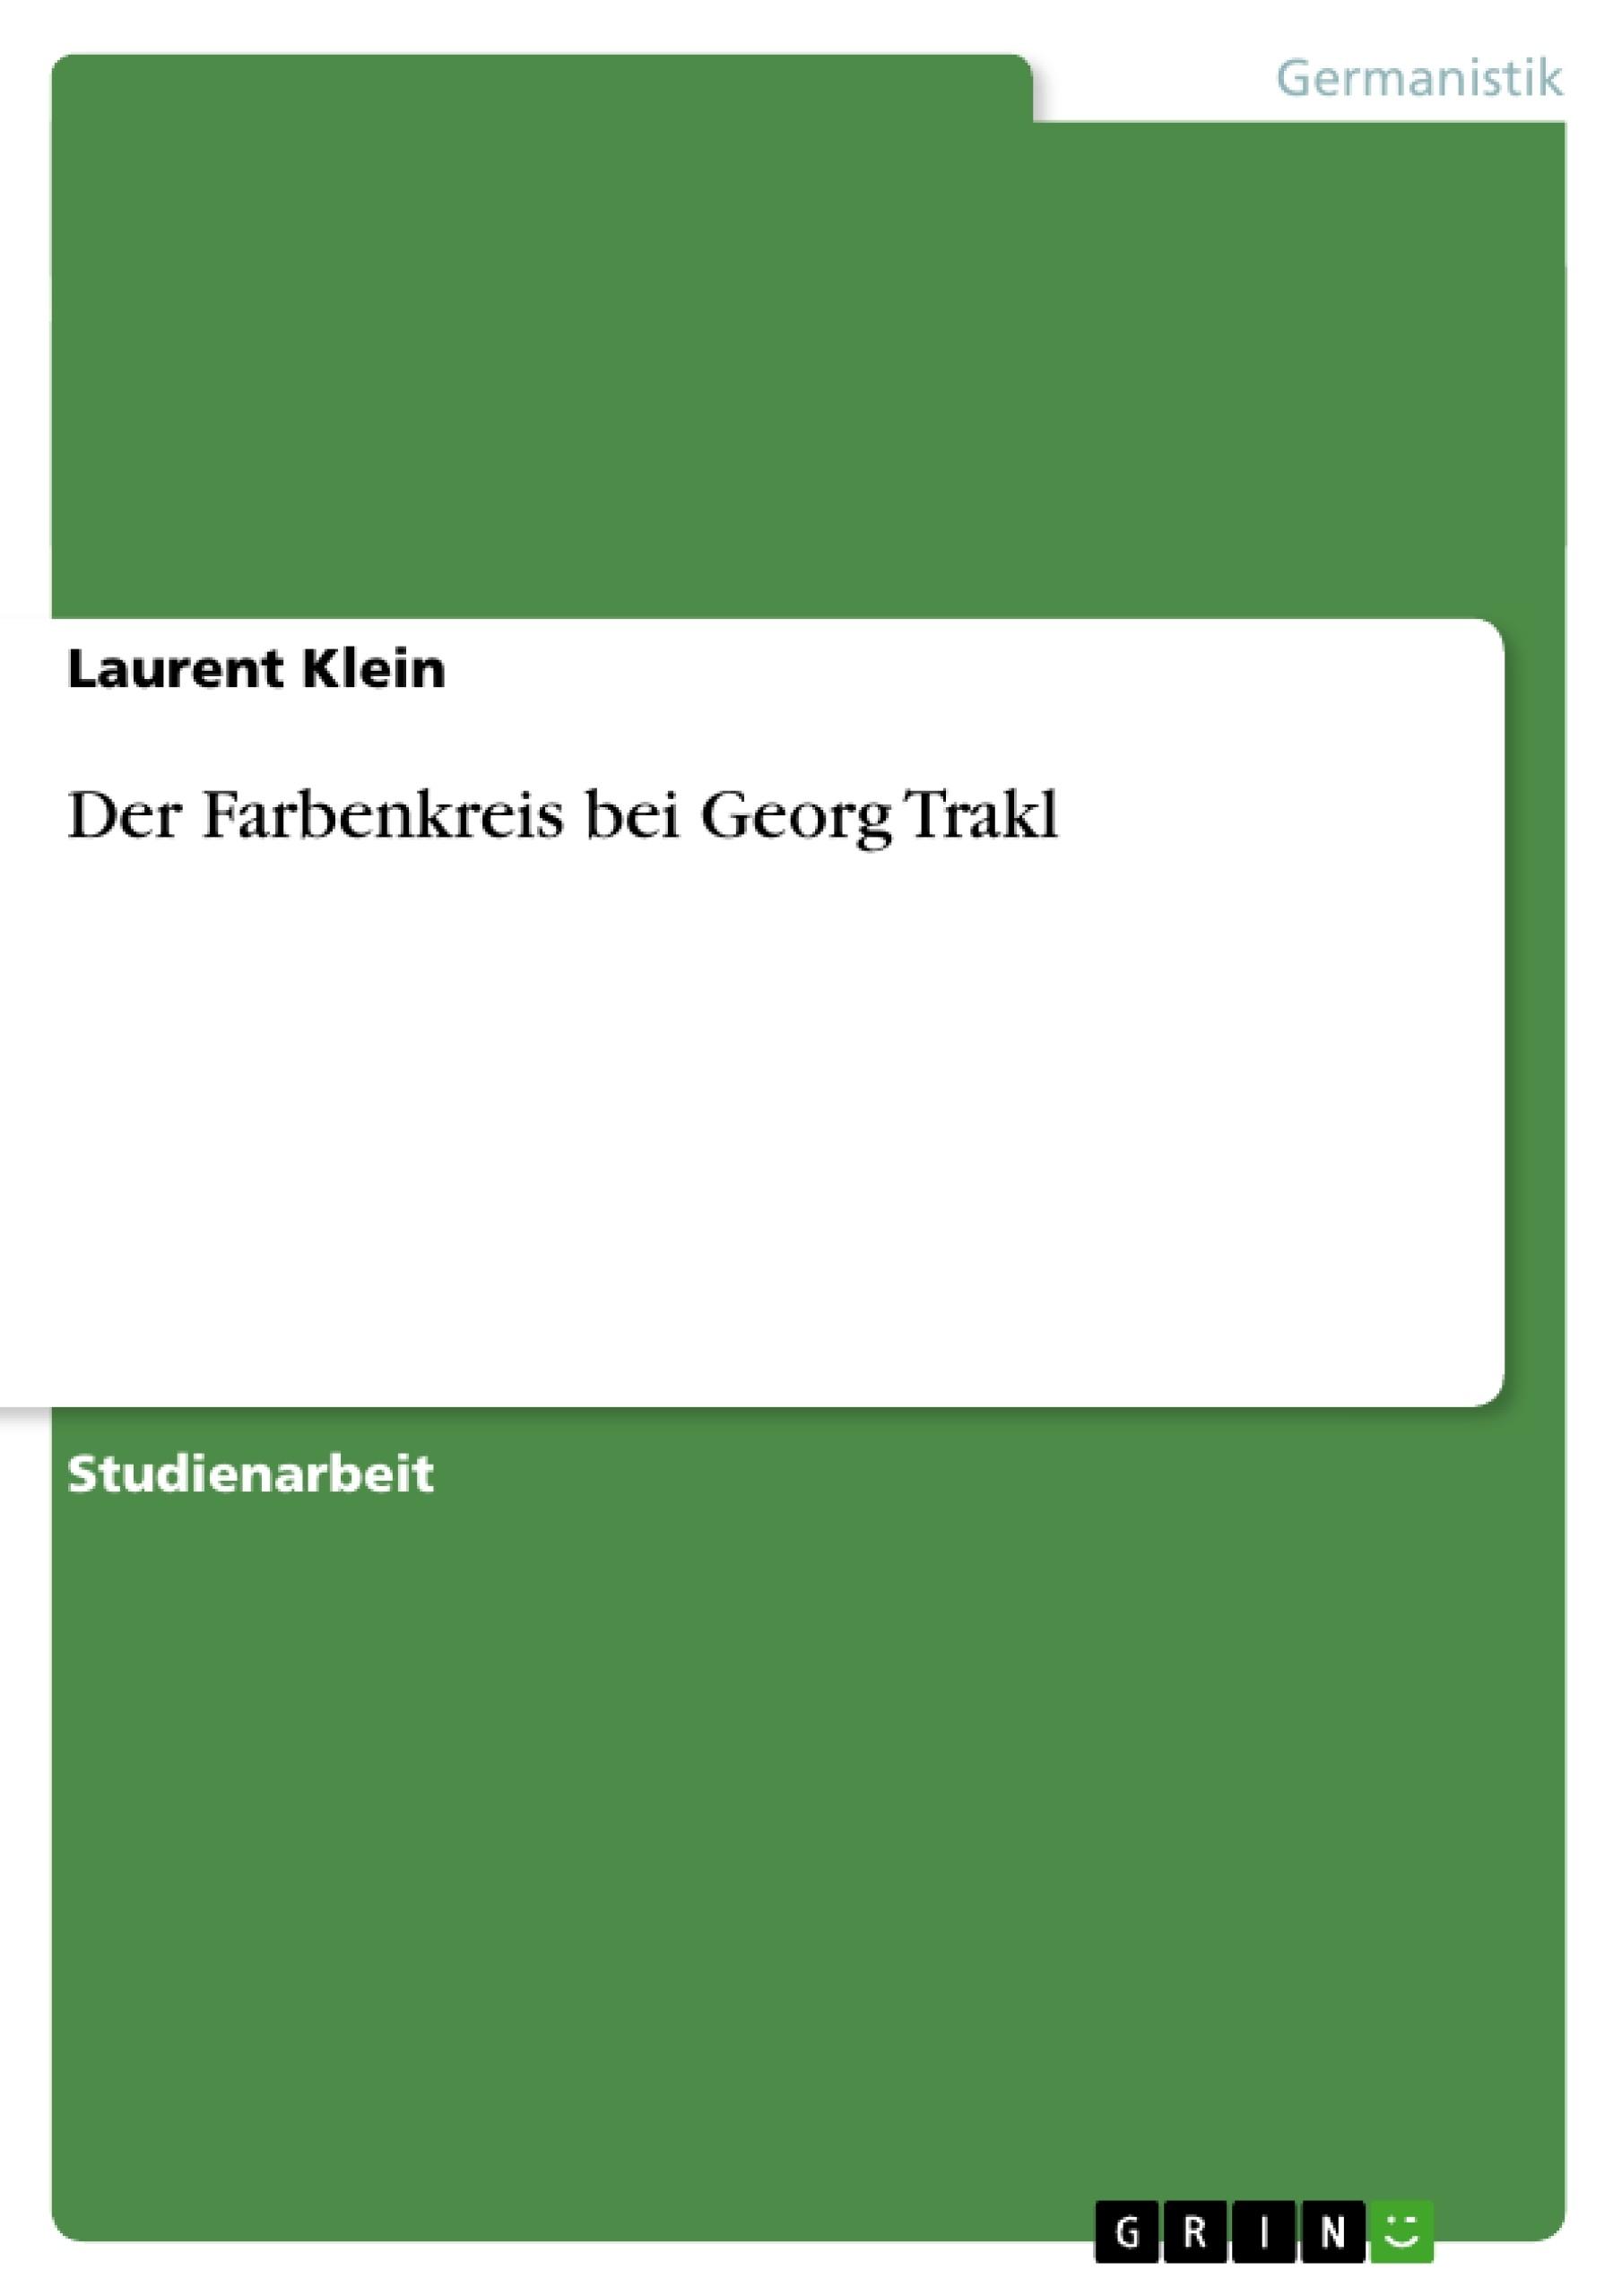 Titel: Der Farbenkreis bei Georg Trakl